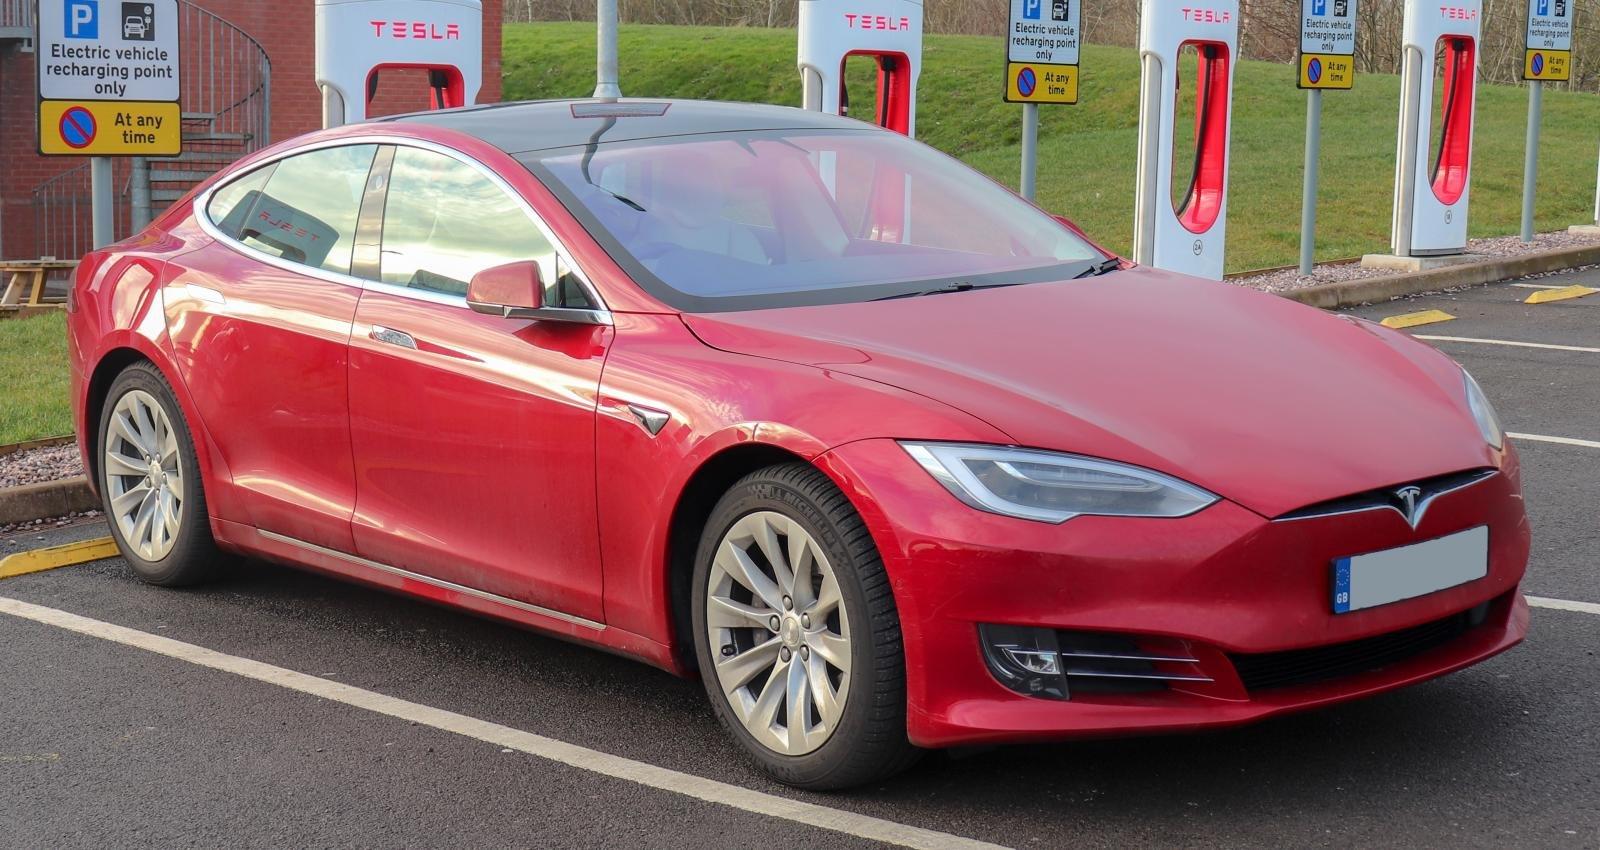 Tesla phải huy động thêm vốn vì thua lỗ 10